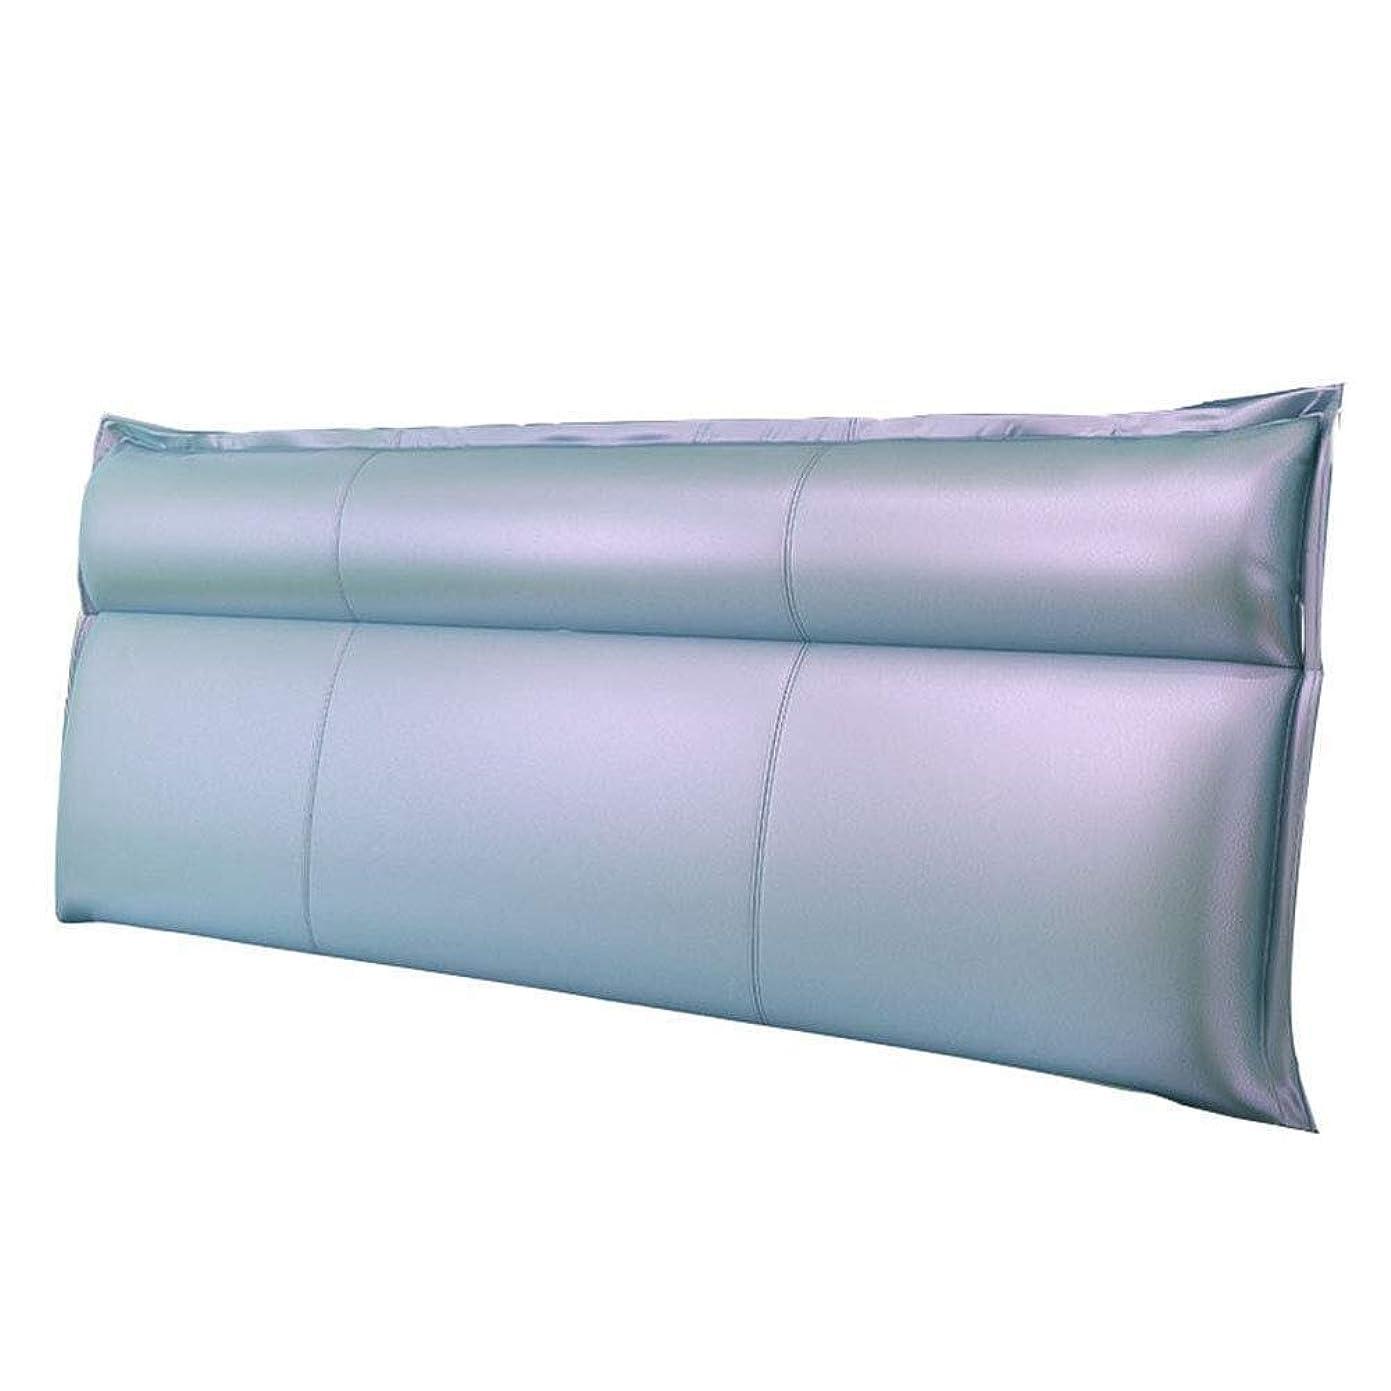 犠牲スケジュール弁護人NJYT ヘッドボードクッションベッドヘッドソフトパッケージベッドサイドクッションダブルベッド背もたれ枕ウエストパッド、5色、4サイズオプション (Color : Mint Blue-no Headboard, Size : 180CM)